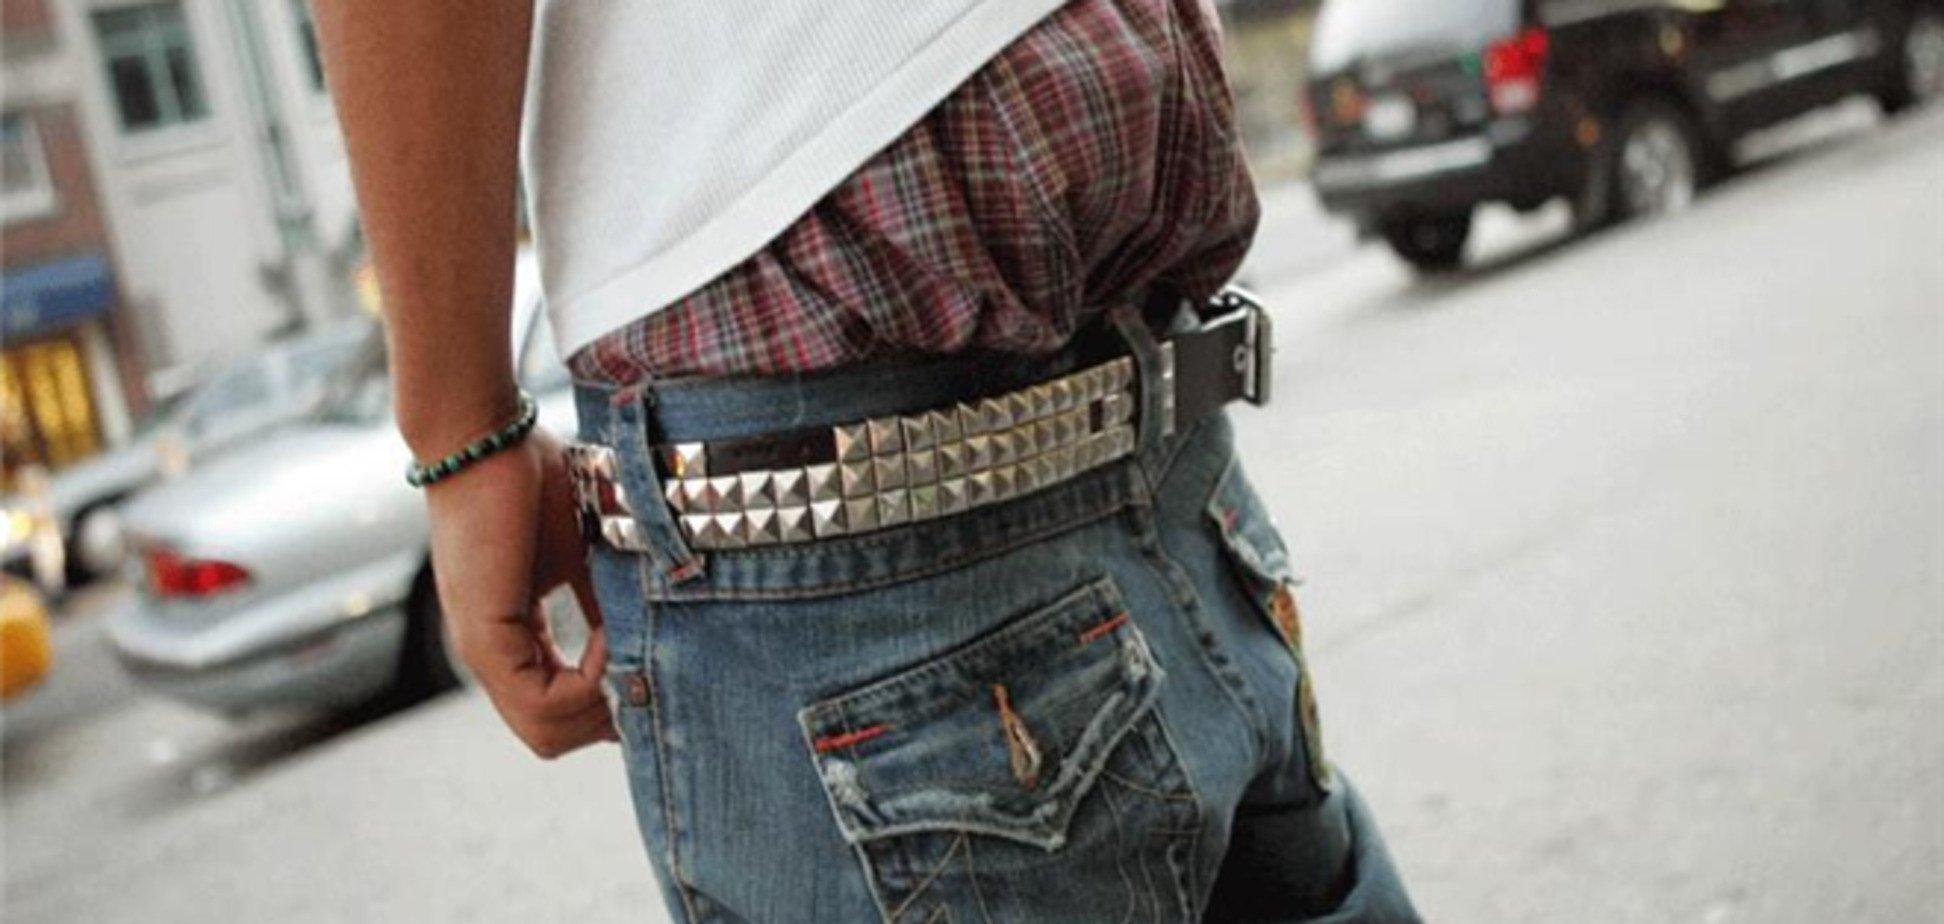 Кримчанина оштрафували за демонстрацію статевих органів